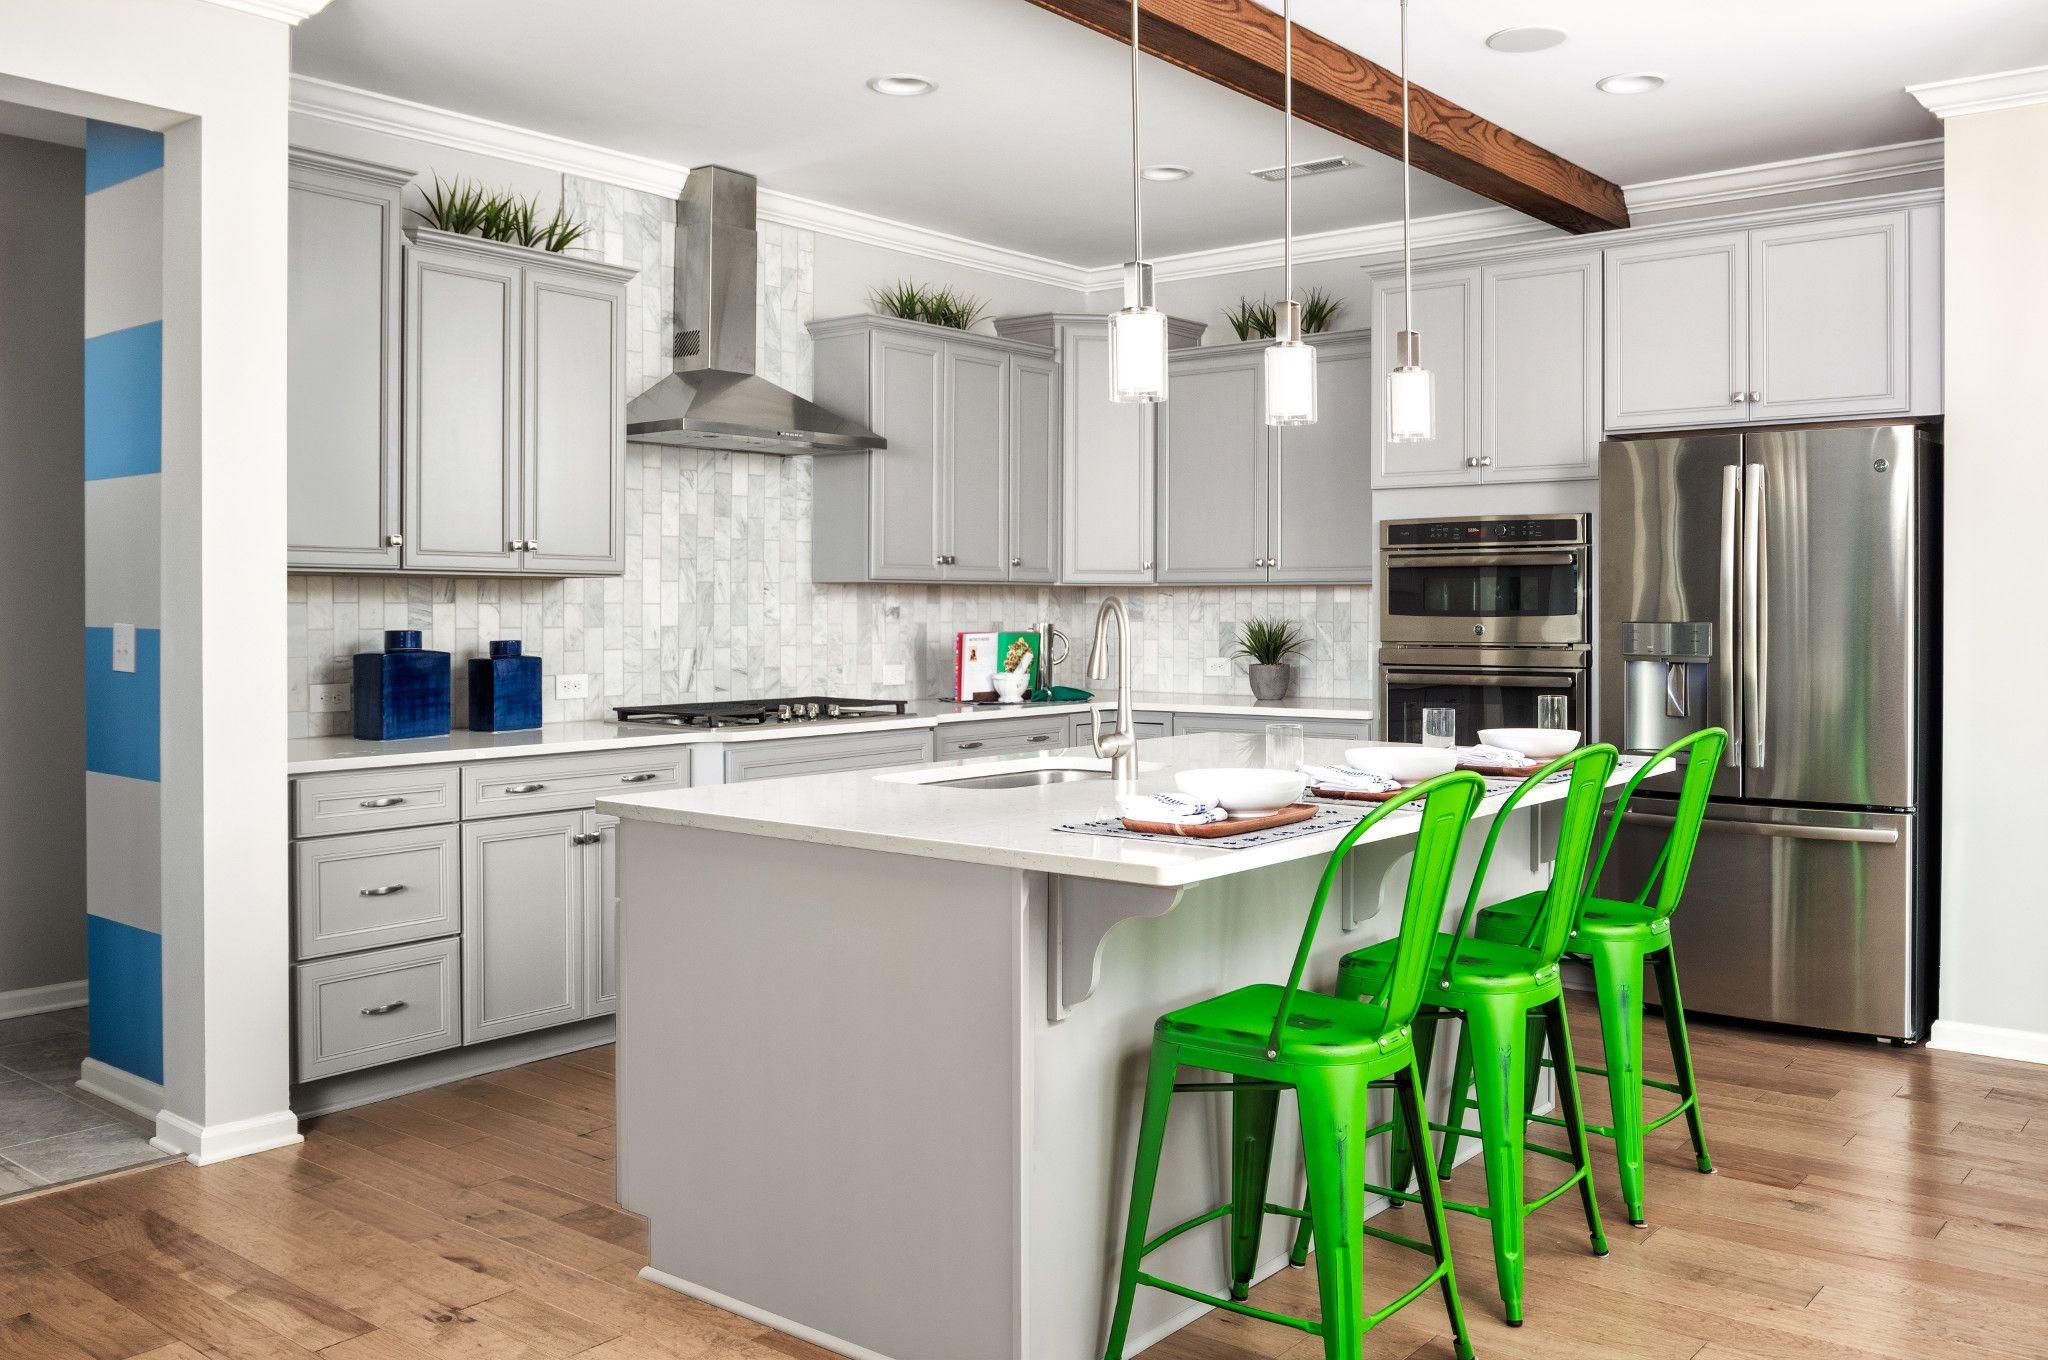 Kitchen-in-Delaney-at-Sagewood-in-Matthews